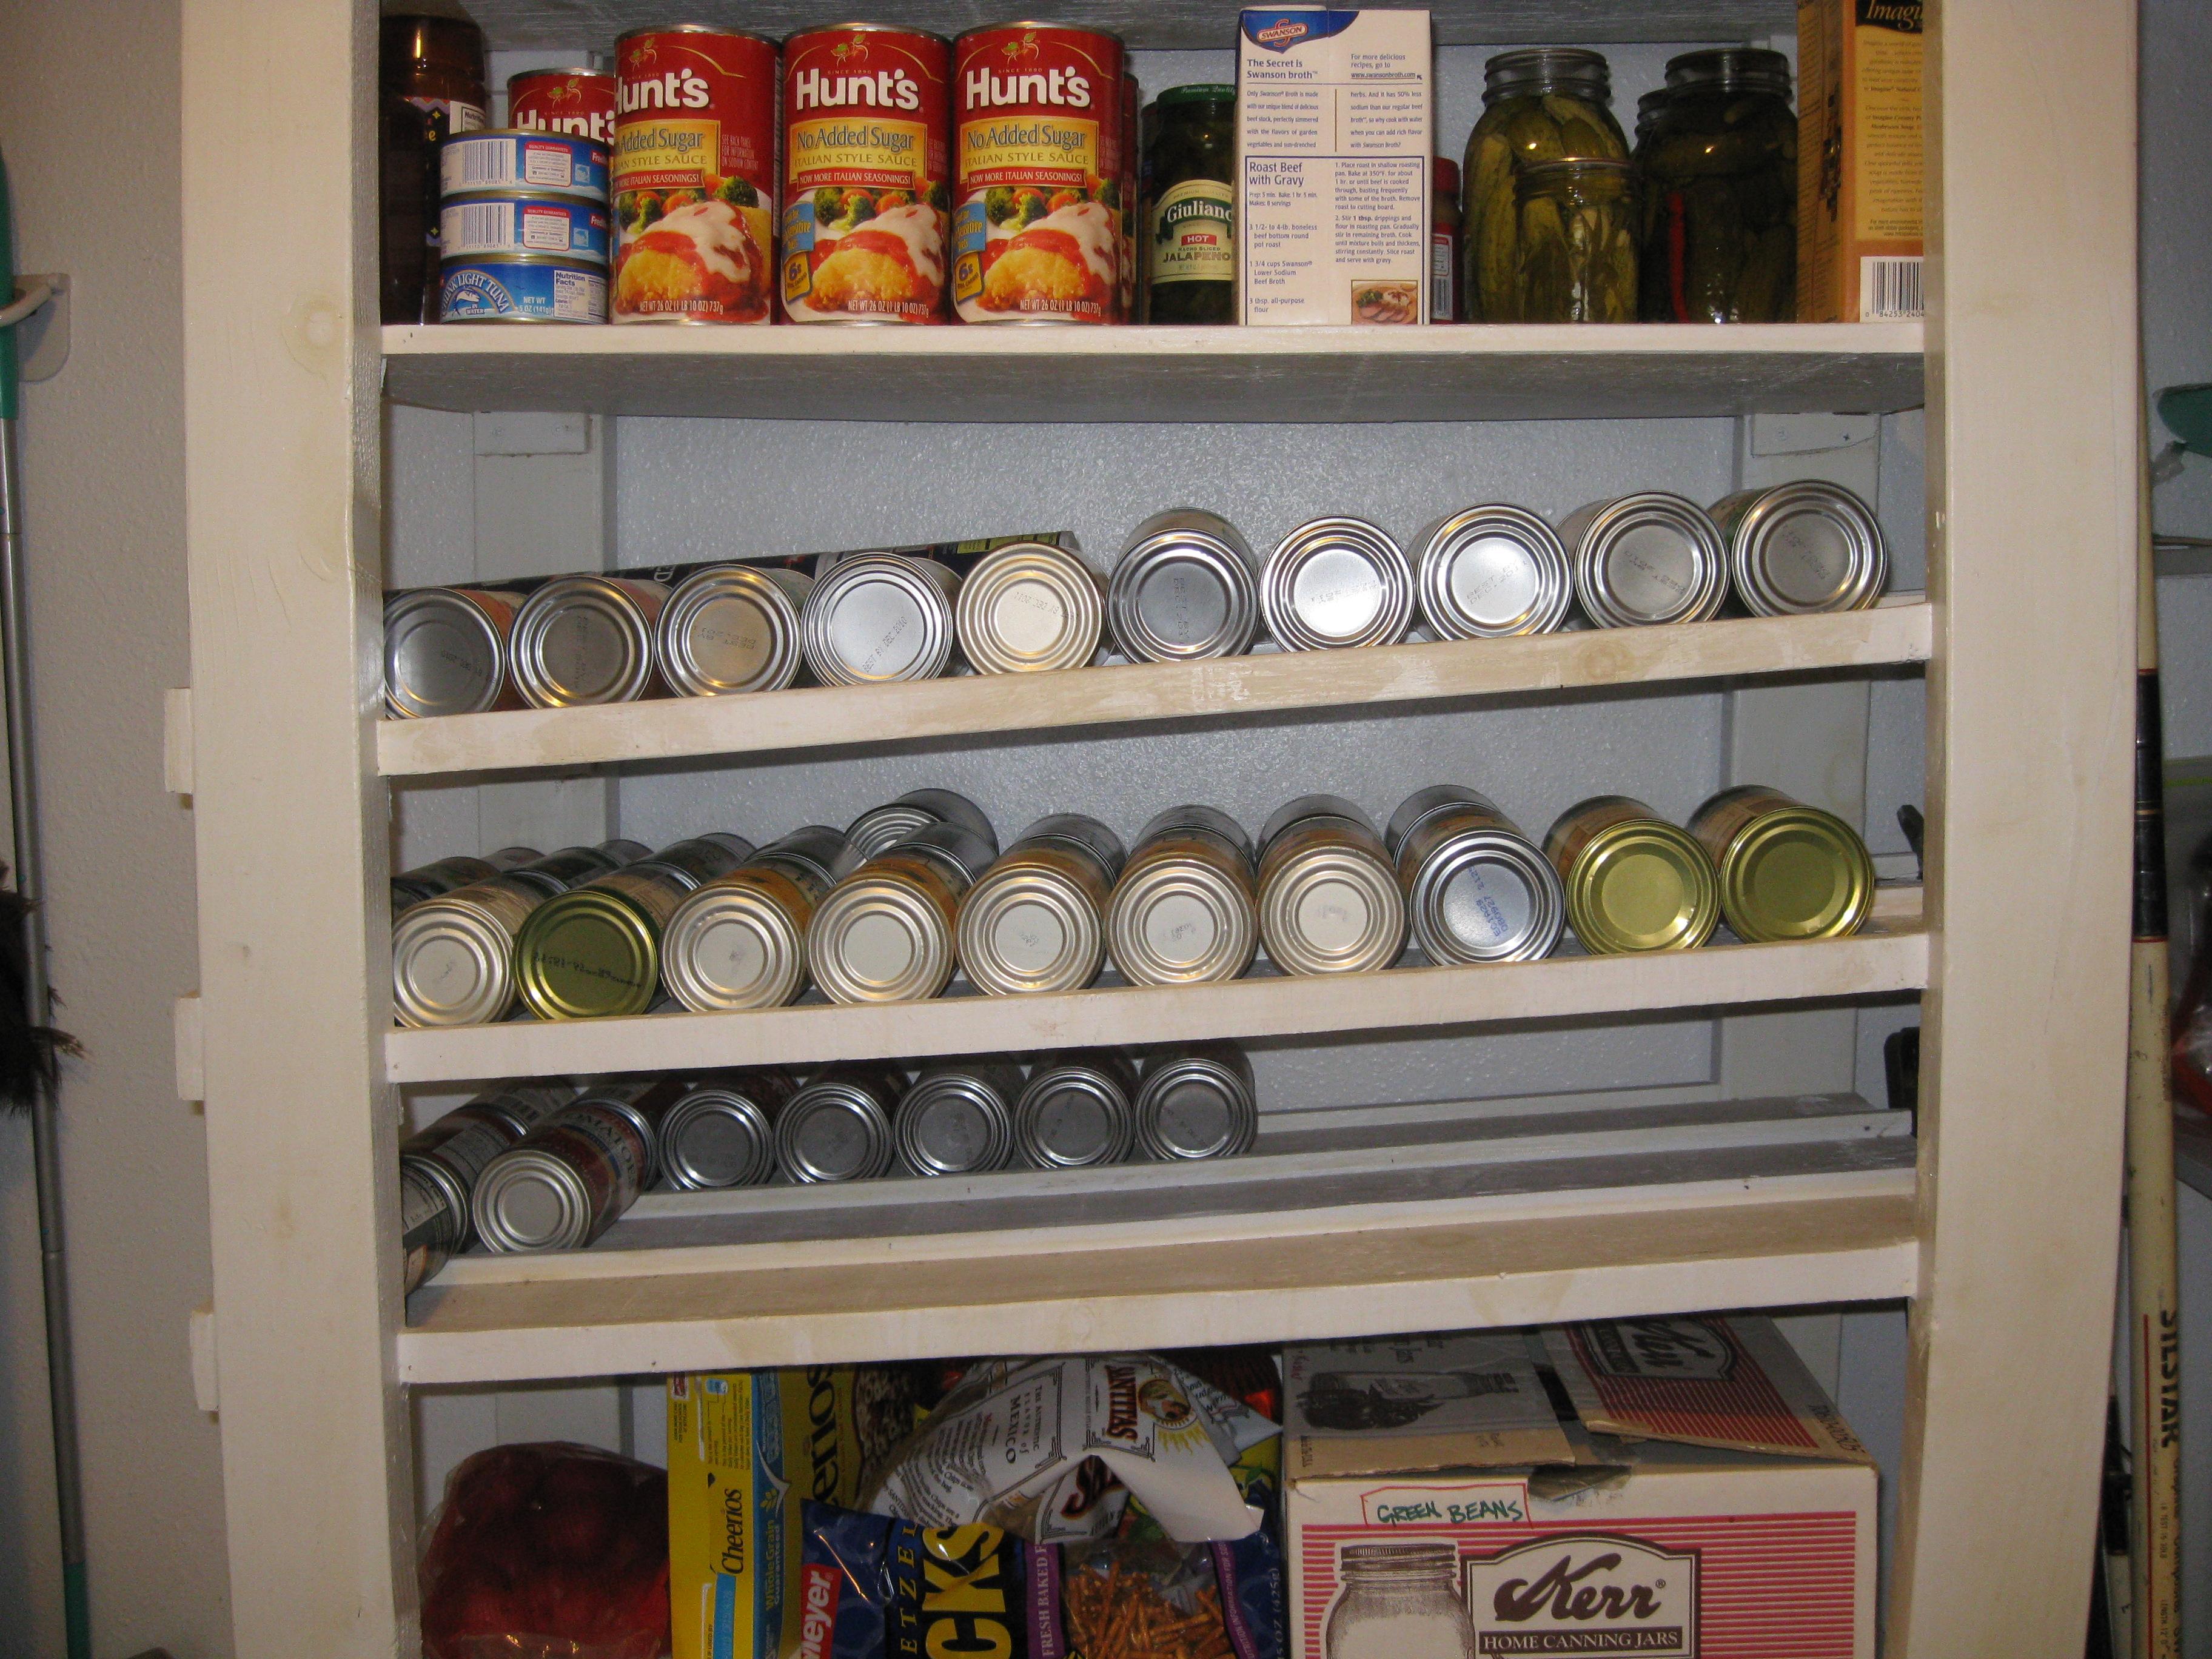 slanted shelves for canned food storage rotation lds intelligent living. Black Bedroom Furniture Sets. Home Design Ideas